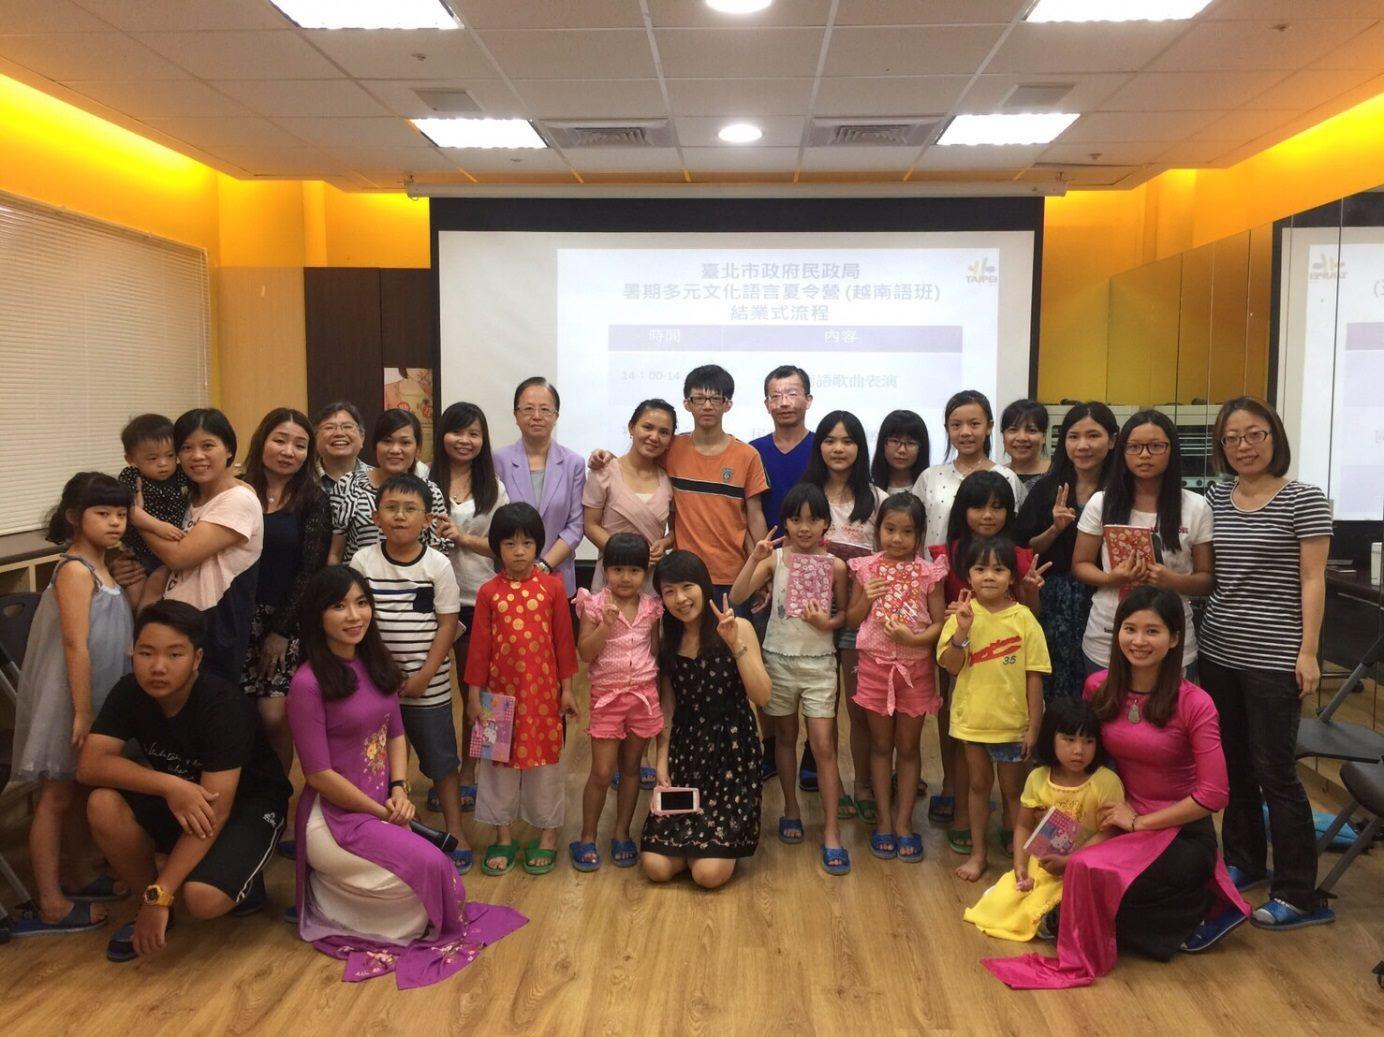 越南文課程所有學生上台合照